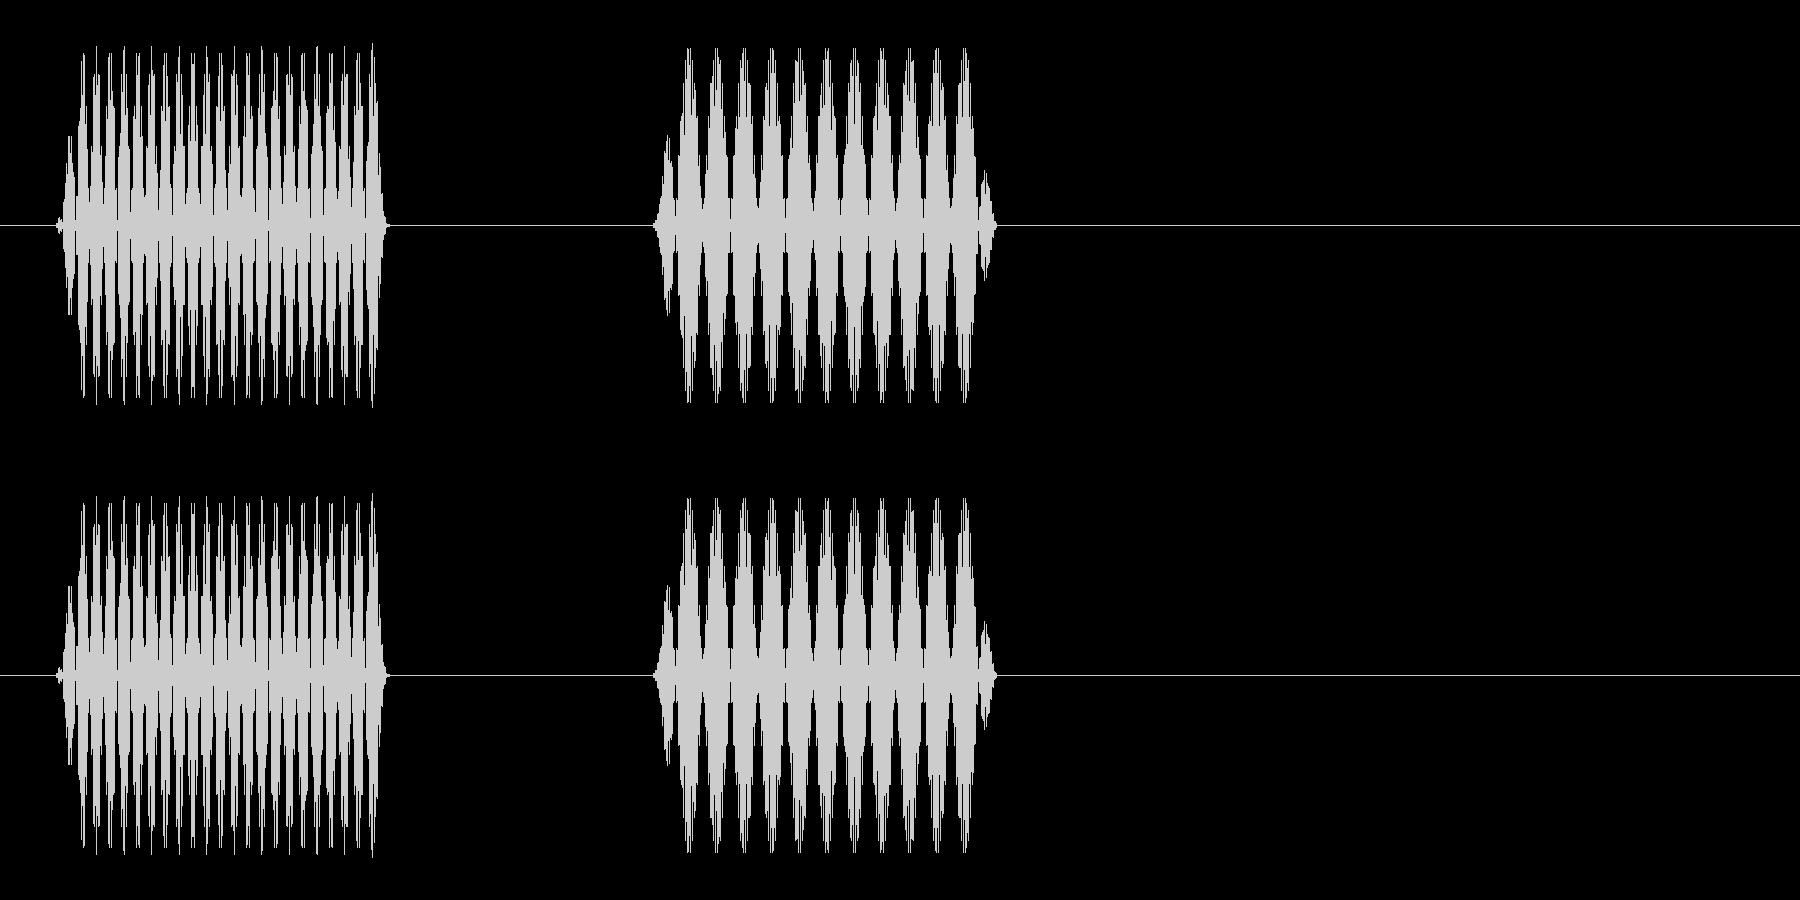 ポピッ(電子音)シンプル2の未再生の波形